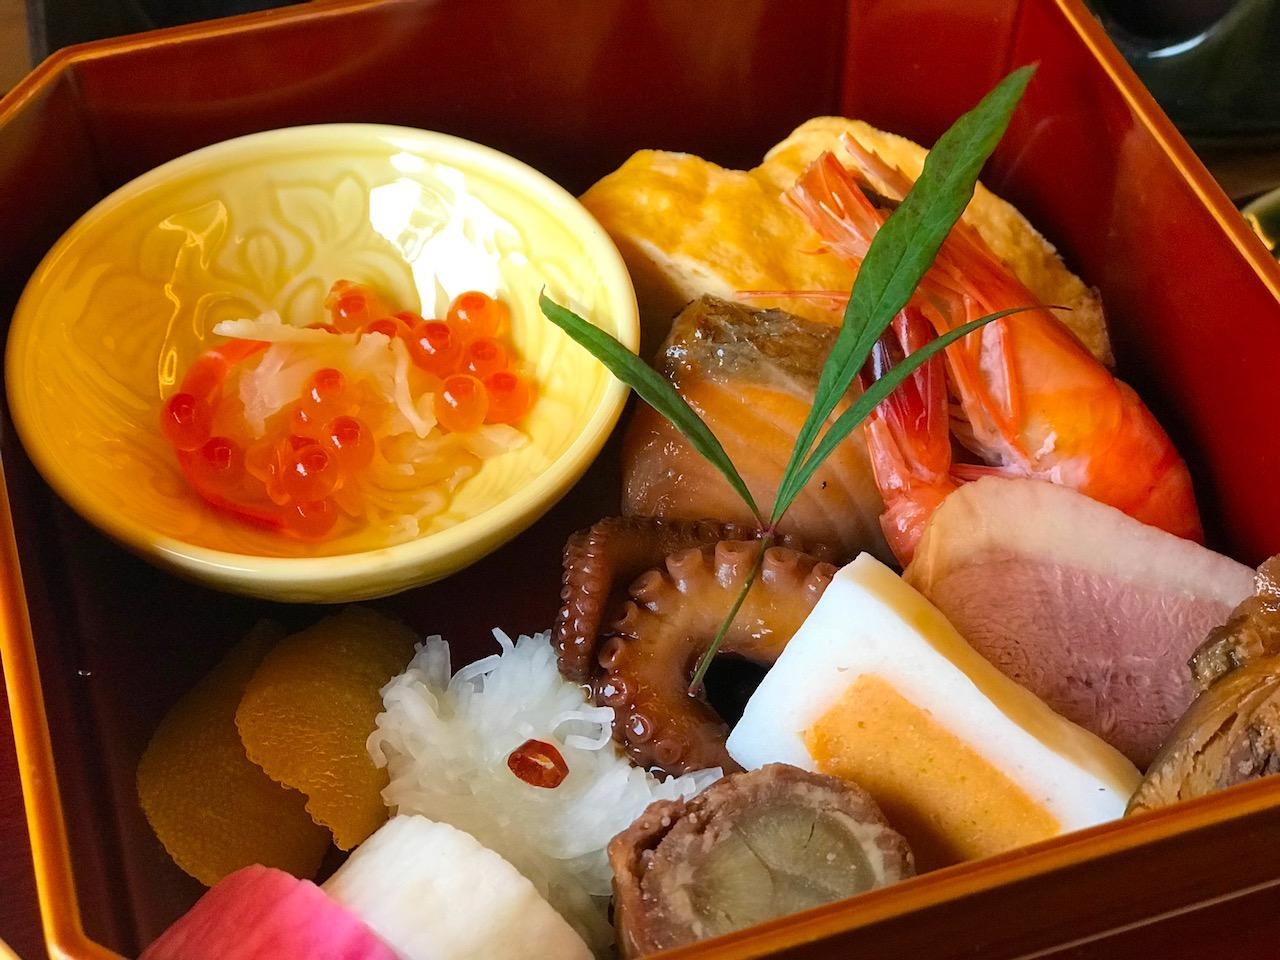 近江八幡で美味しいランチ「宮前」の京料理がオススメ!!